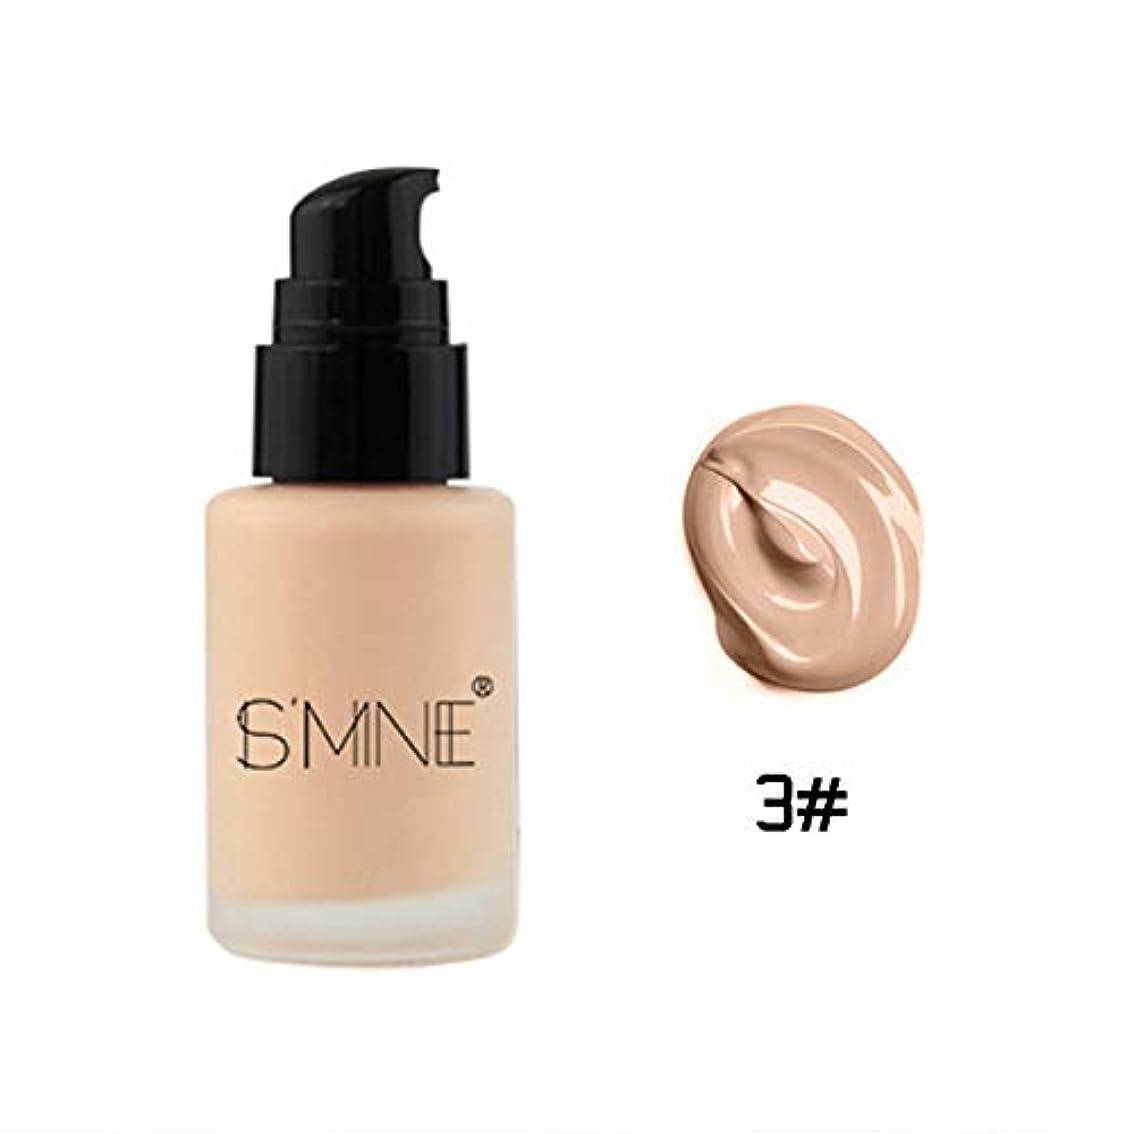 リストロール批判Symboat BBクリーム 女性 フェイスコンシーラー 美白 保湿 防水 ロングラスティングメイクアップ 健康的な自然な肌色 素肌感 化粧品